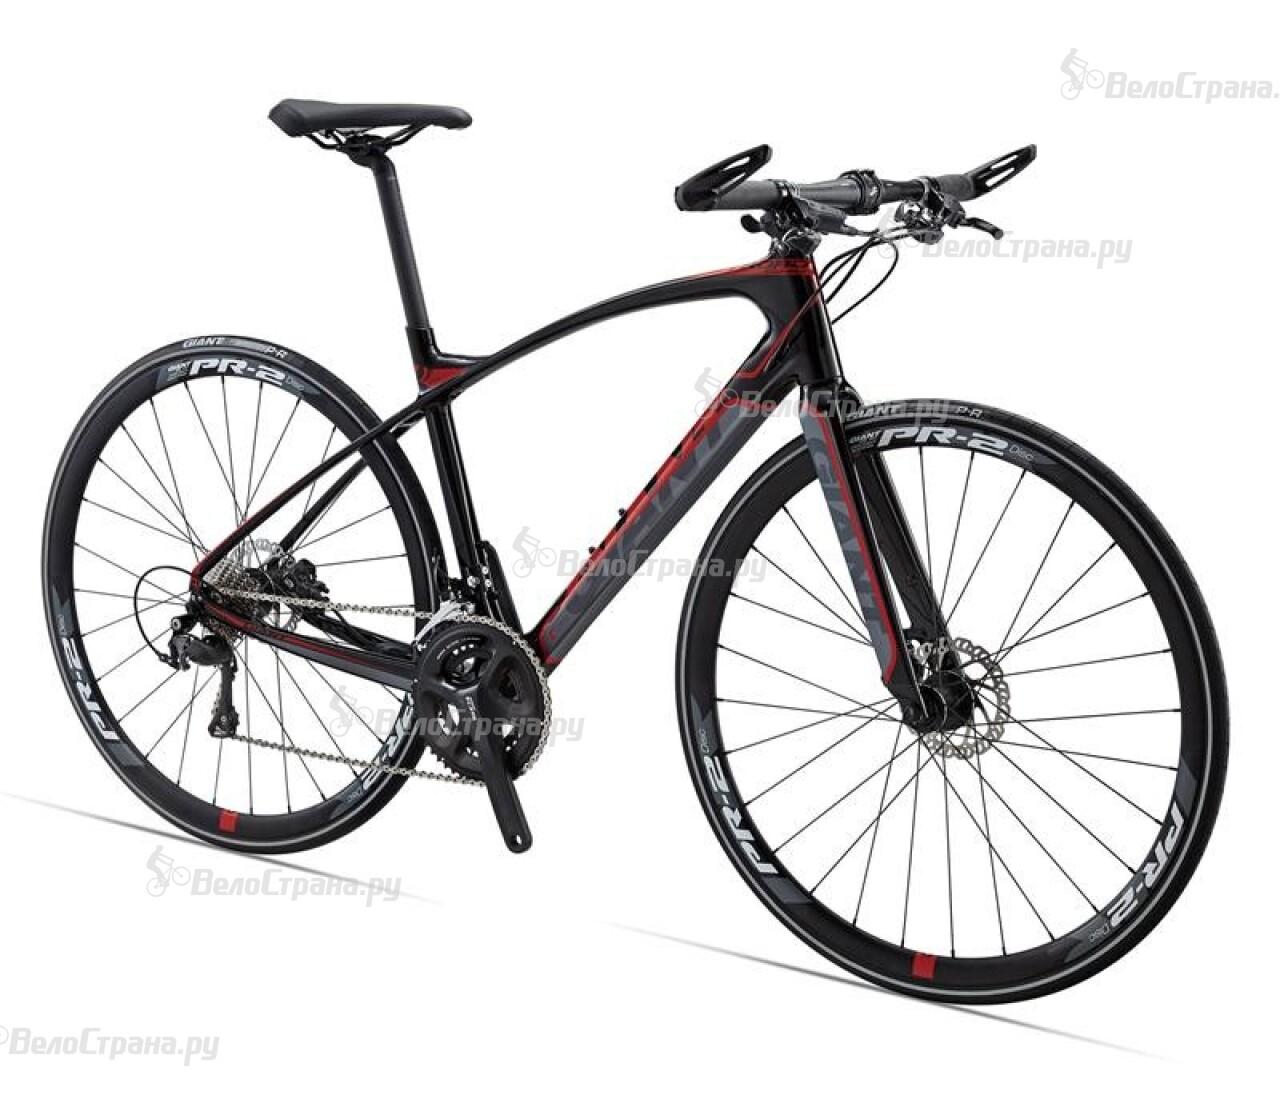 Велосипед Giant FastRoad CoMax 1 (2015) 2015 csm360